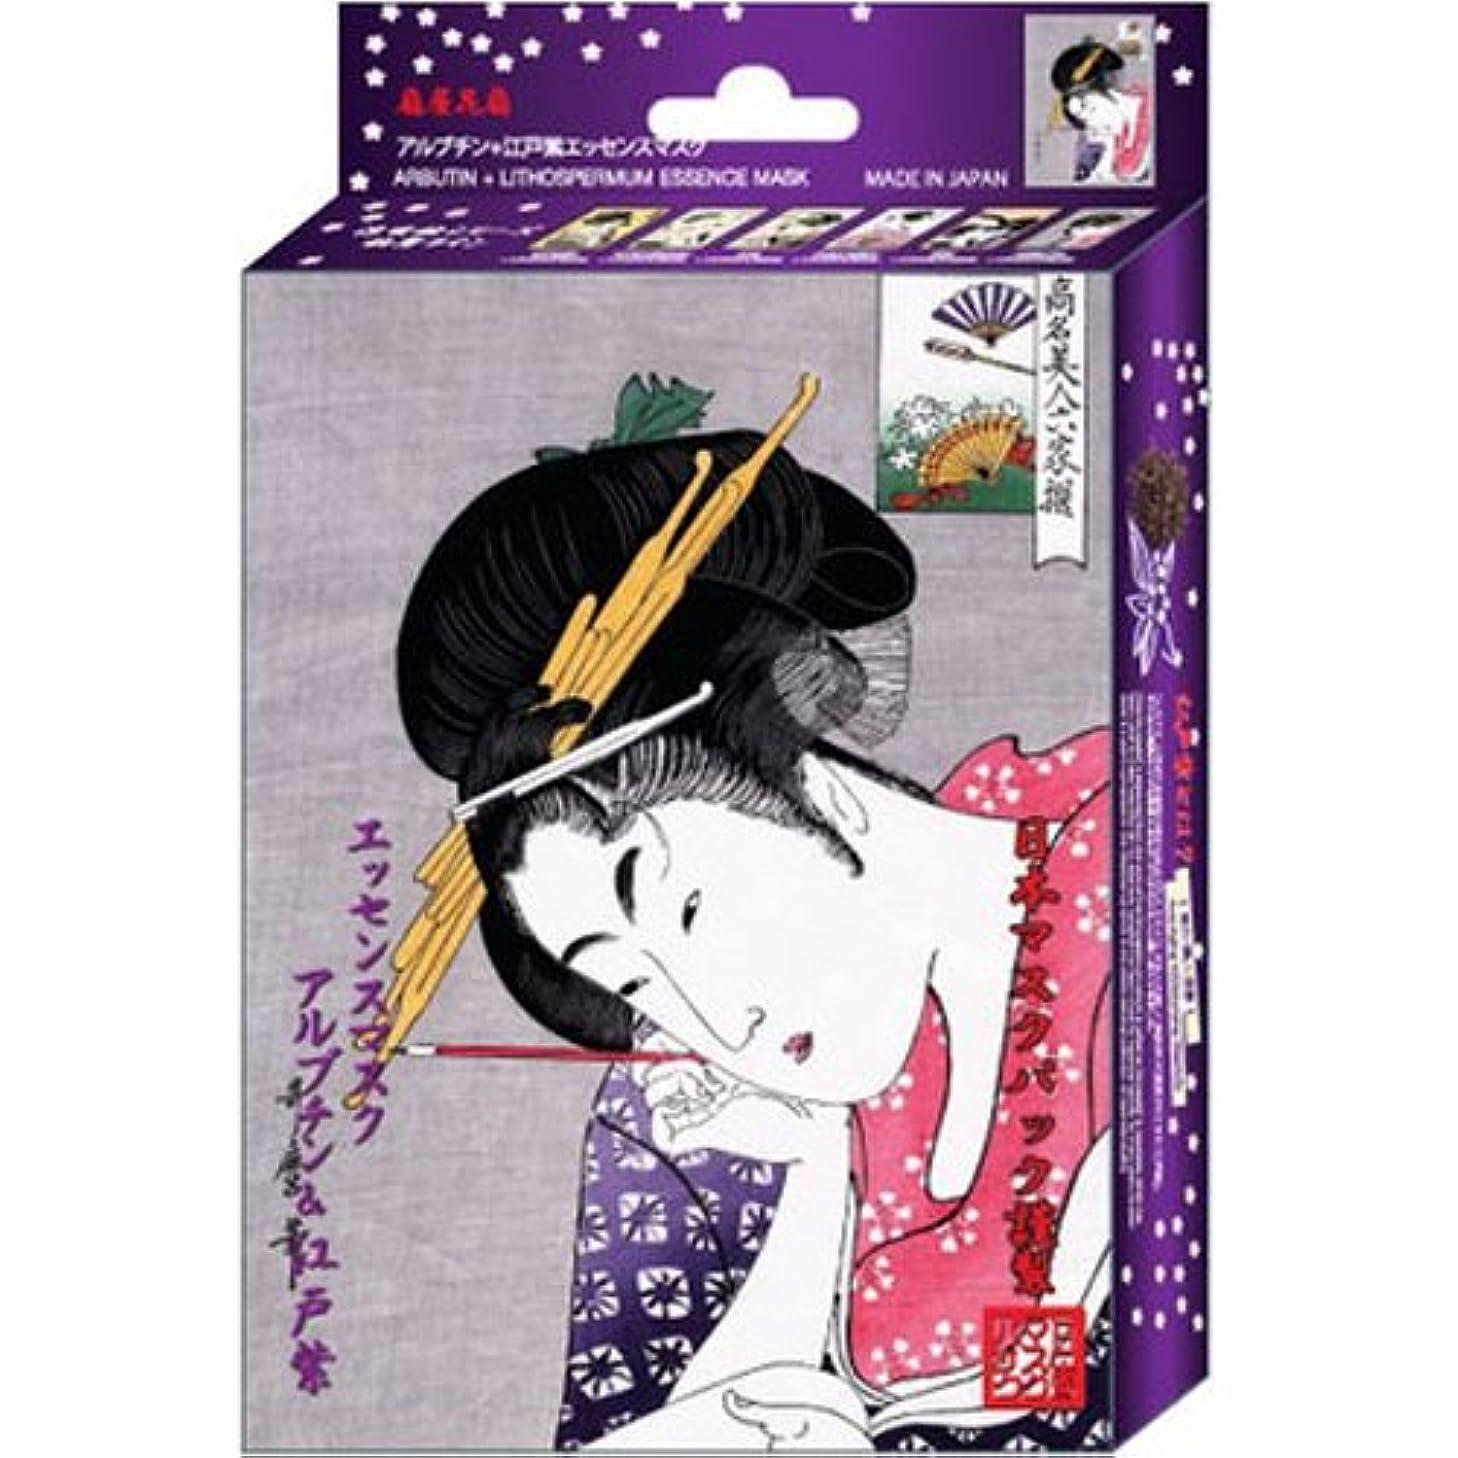 ミサイル充電ネクタイ浮世絵シリーズ 歌麿ライン エッセンスマスク アルブチン+江戸紫 (10枚入)